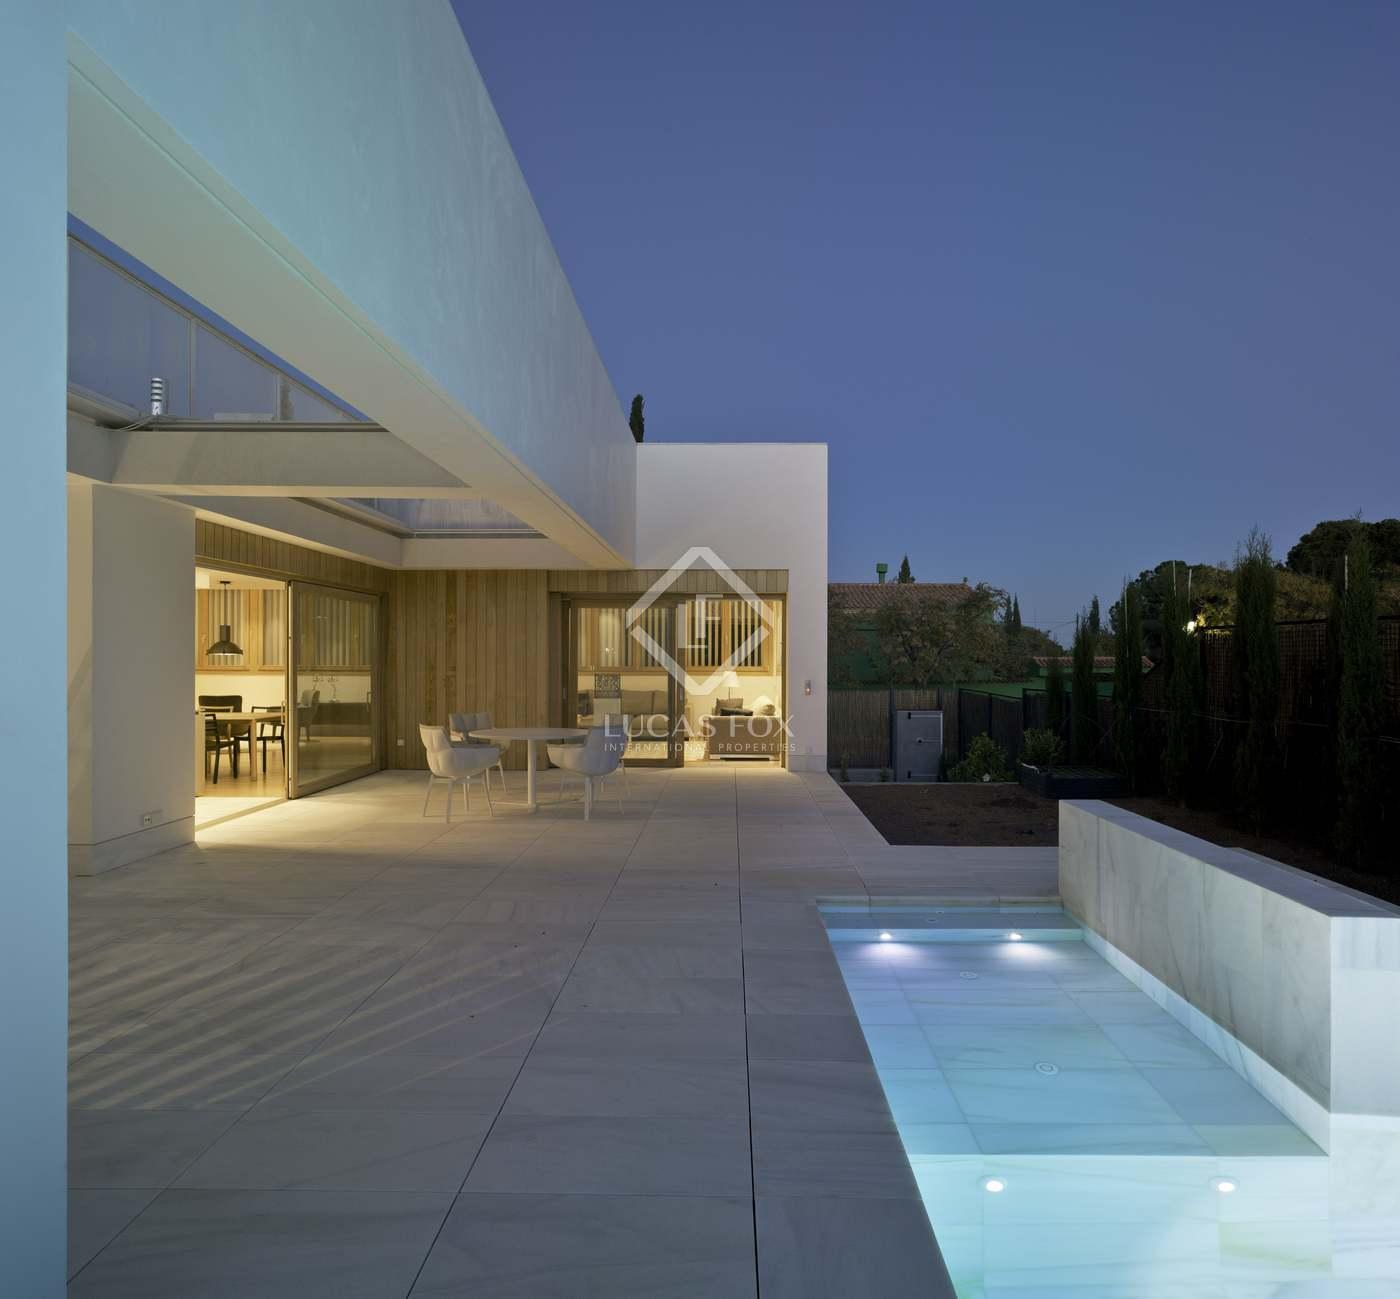 Alquiler Casa en Campolivar. Casa en excelentes condiciones de 5 dormitorios en alquiler en g